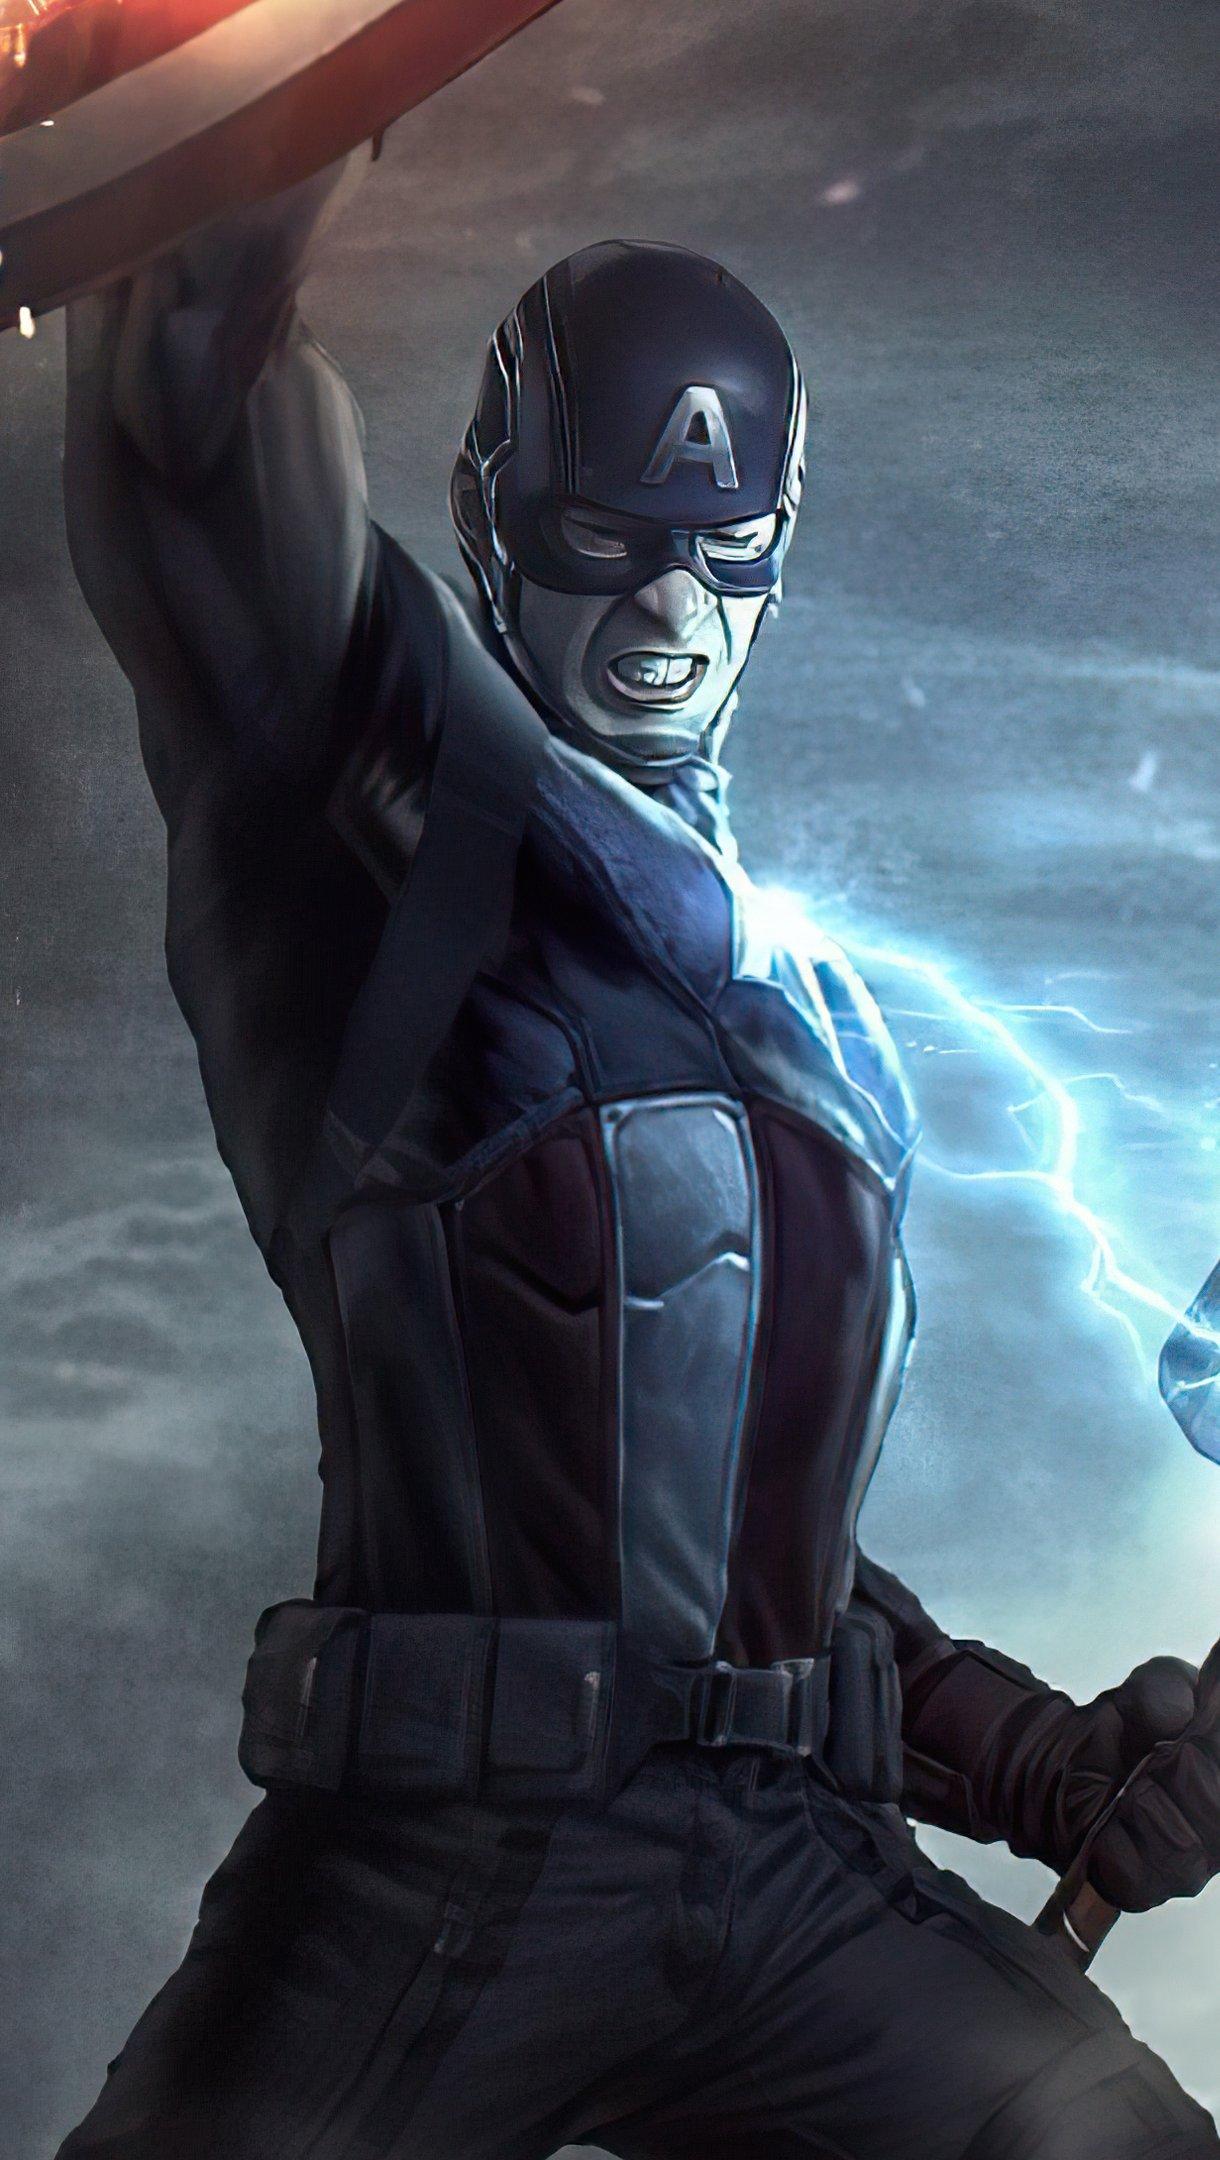 Fondos de pantalla Capitan America con martillo de Thor 2020 Vertical